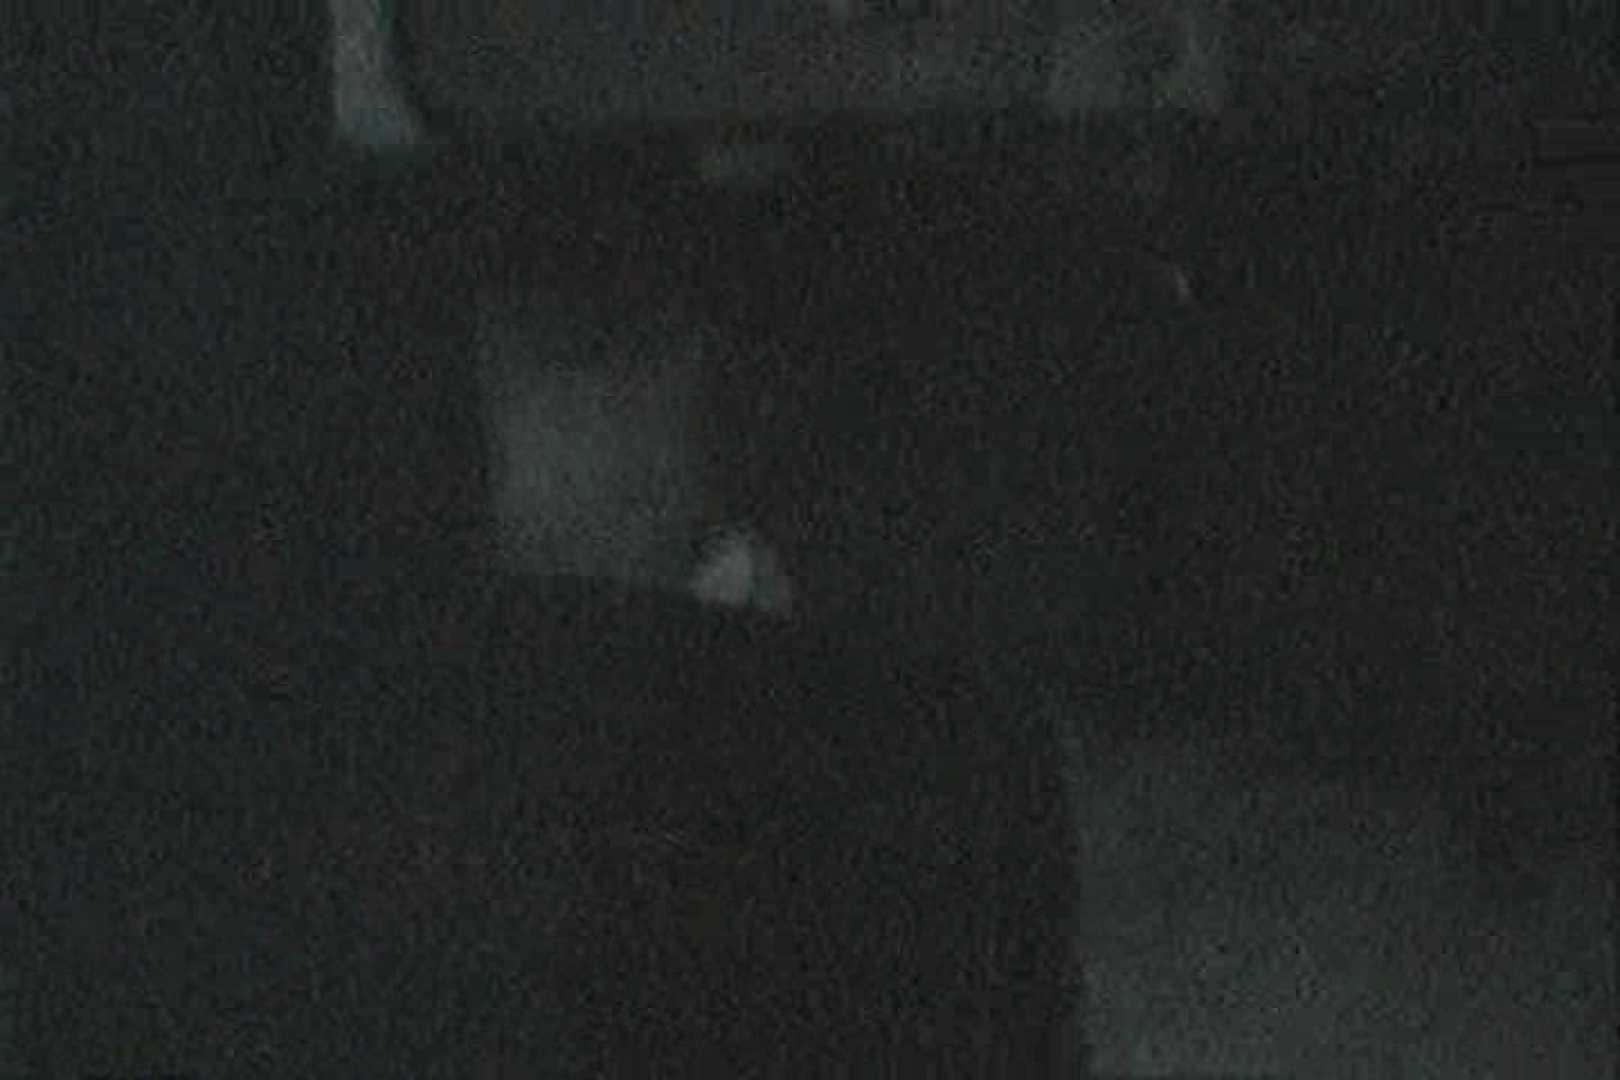 「充血監督」さんの深夜の運動会!! vol.123 OL | カップルのセックス  45連発 22